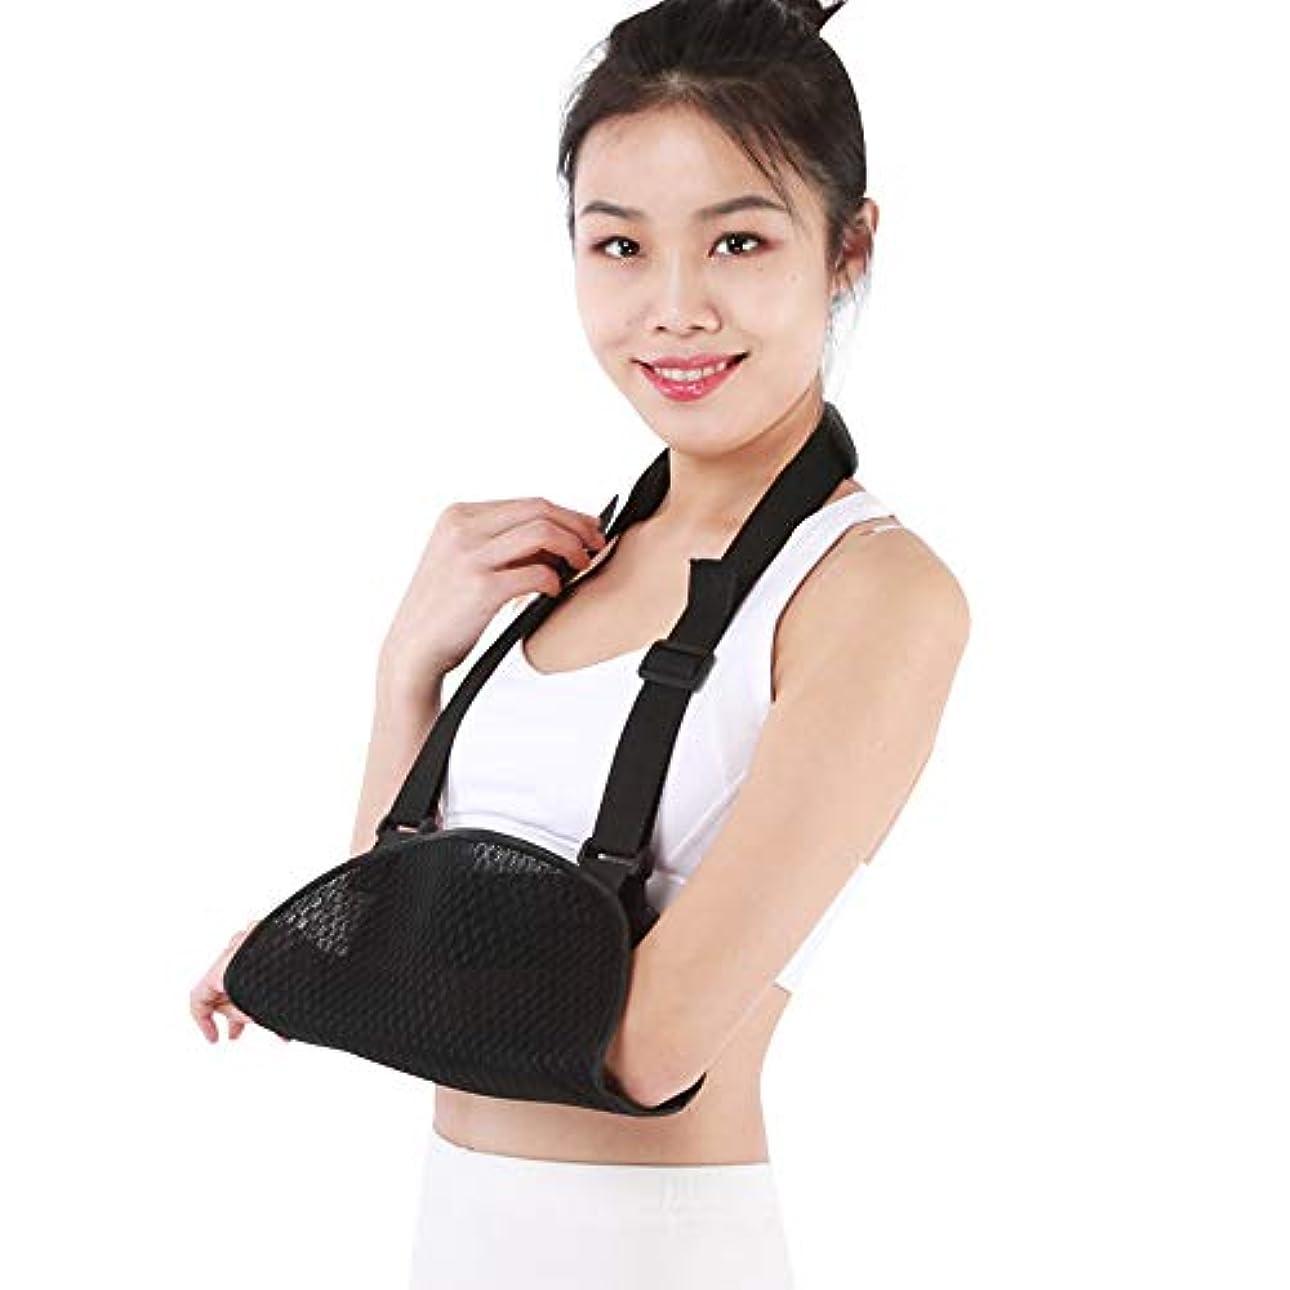 アスペクトブラスト受けるアームスリングメディカルサポートストラップ肩、腕、肘、男性と女性用の回旋腱板痛用の調整可能なスリングを備えた快適なイモビライザー